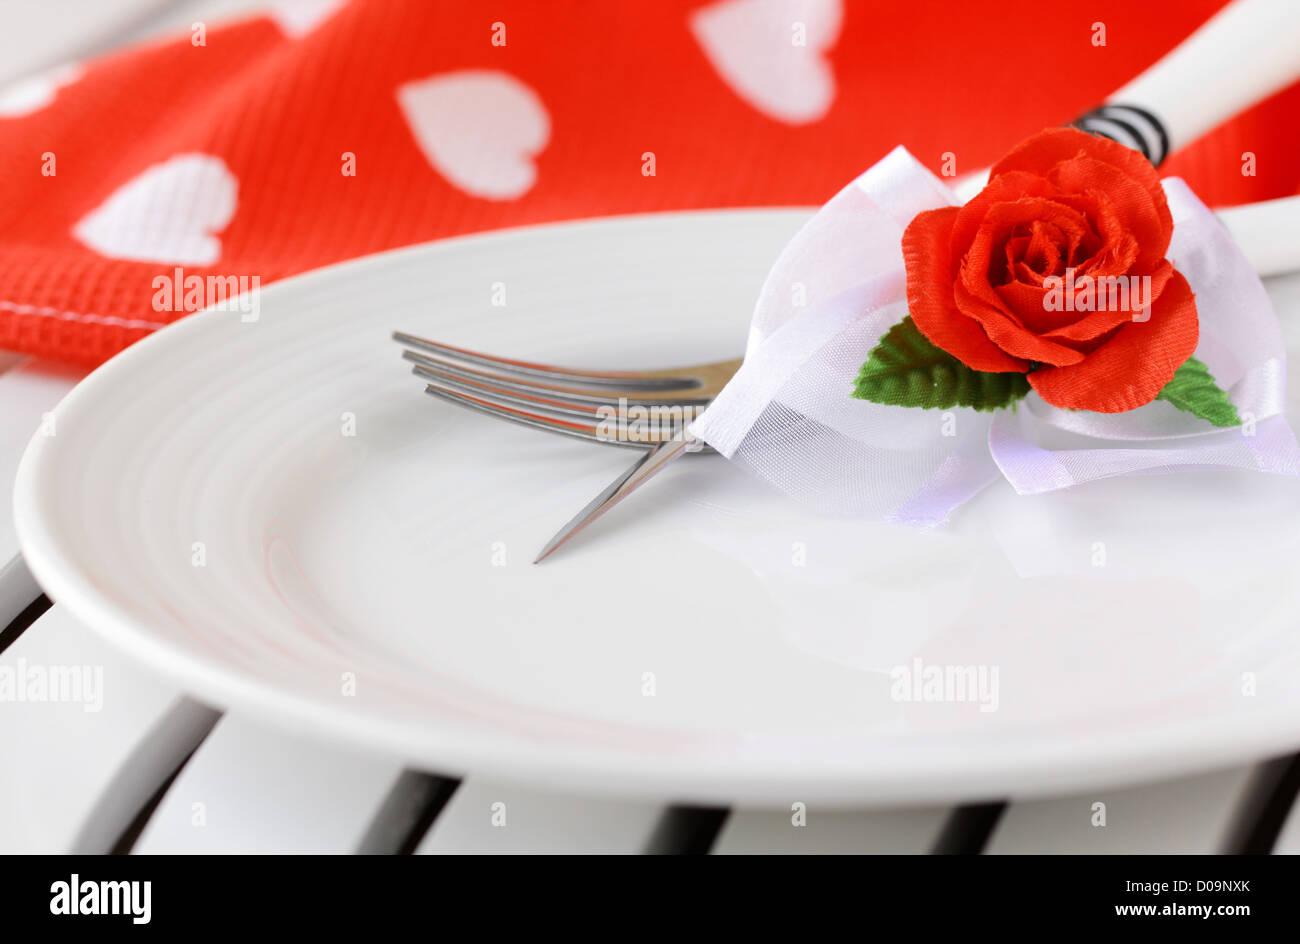 Romantische Und Elegante Tischdekoration Valentinstag Stockfoto